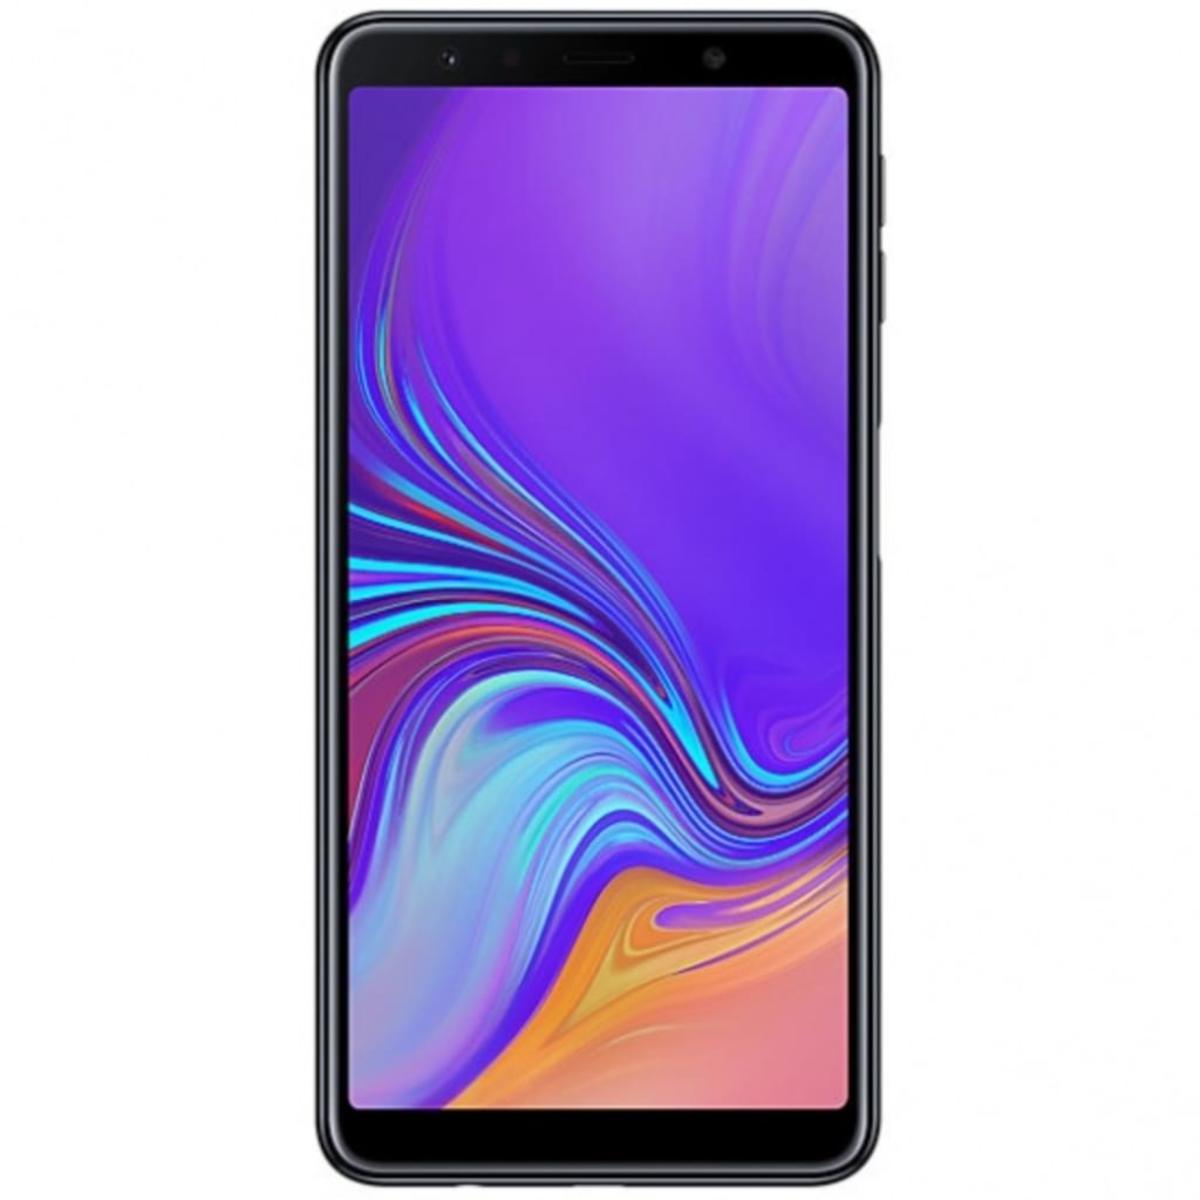 Bild 2 von Samsung Galaxy A7 (2018) 64GB, black